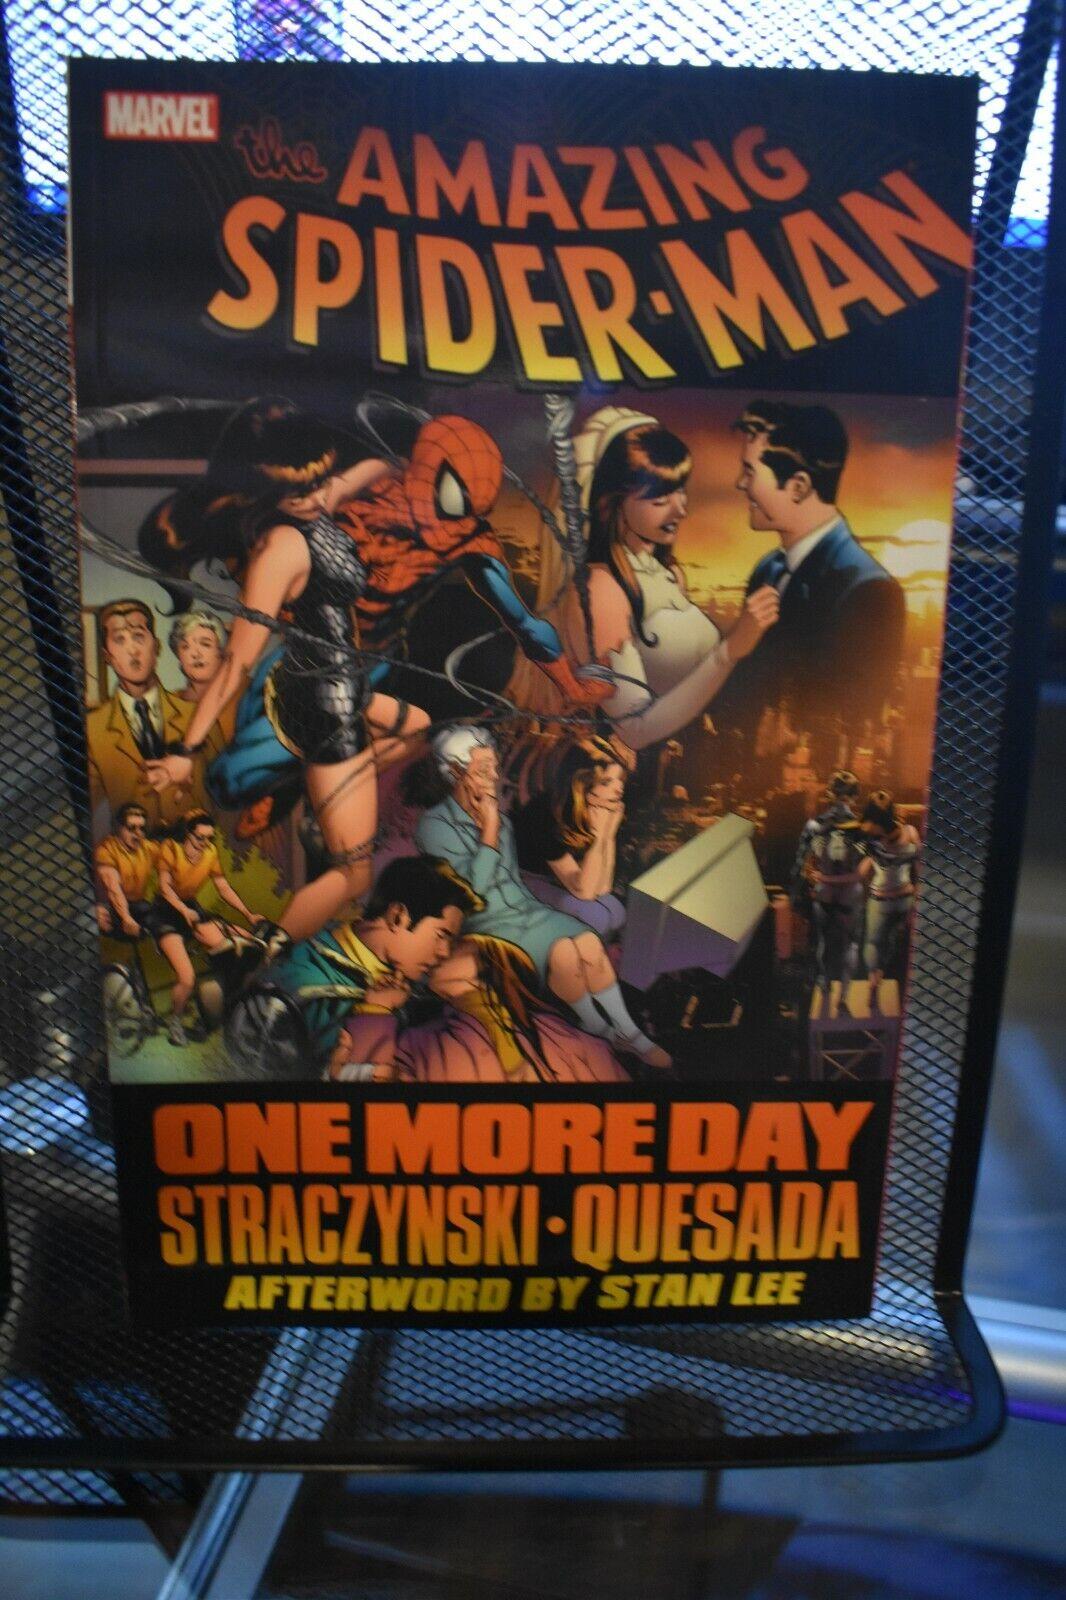 Amazing Spider-Man One More Day Marvel TPB BRAND NEW Mephisto Strazynski Quesada - $0.99